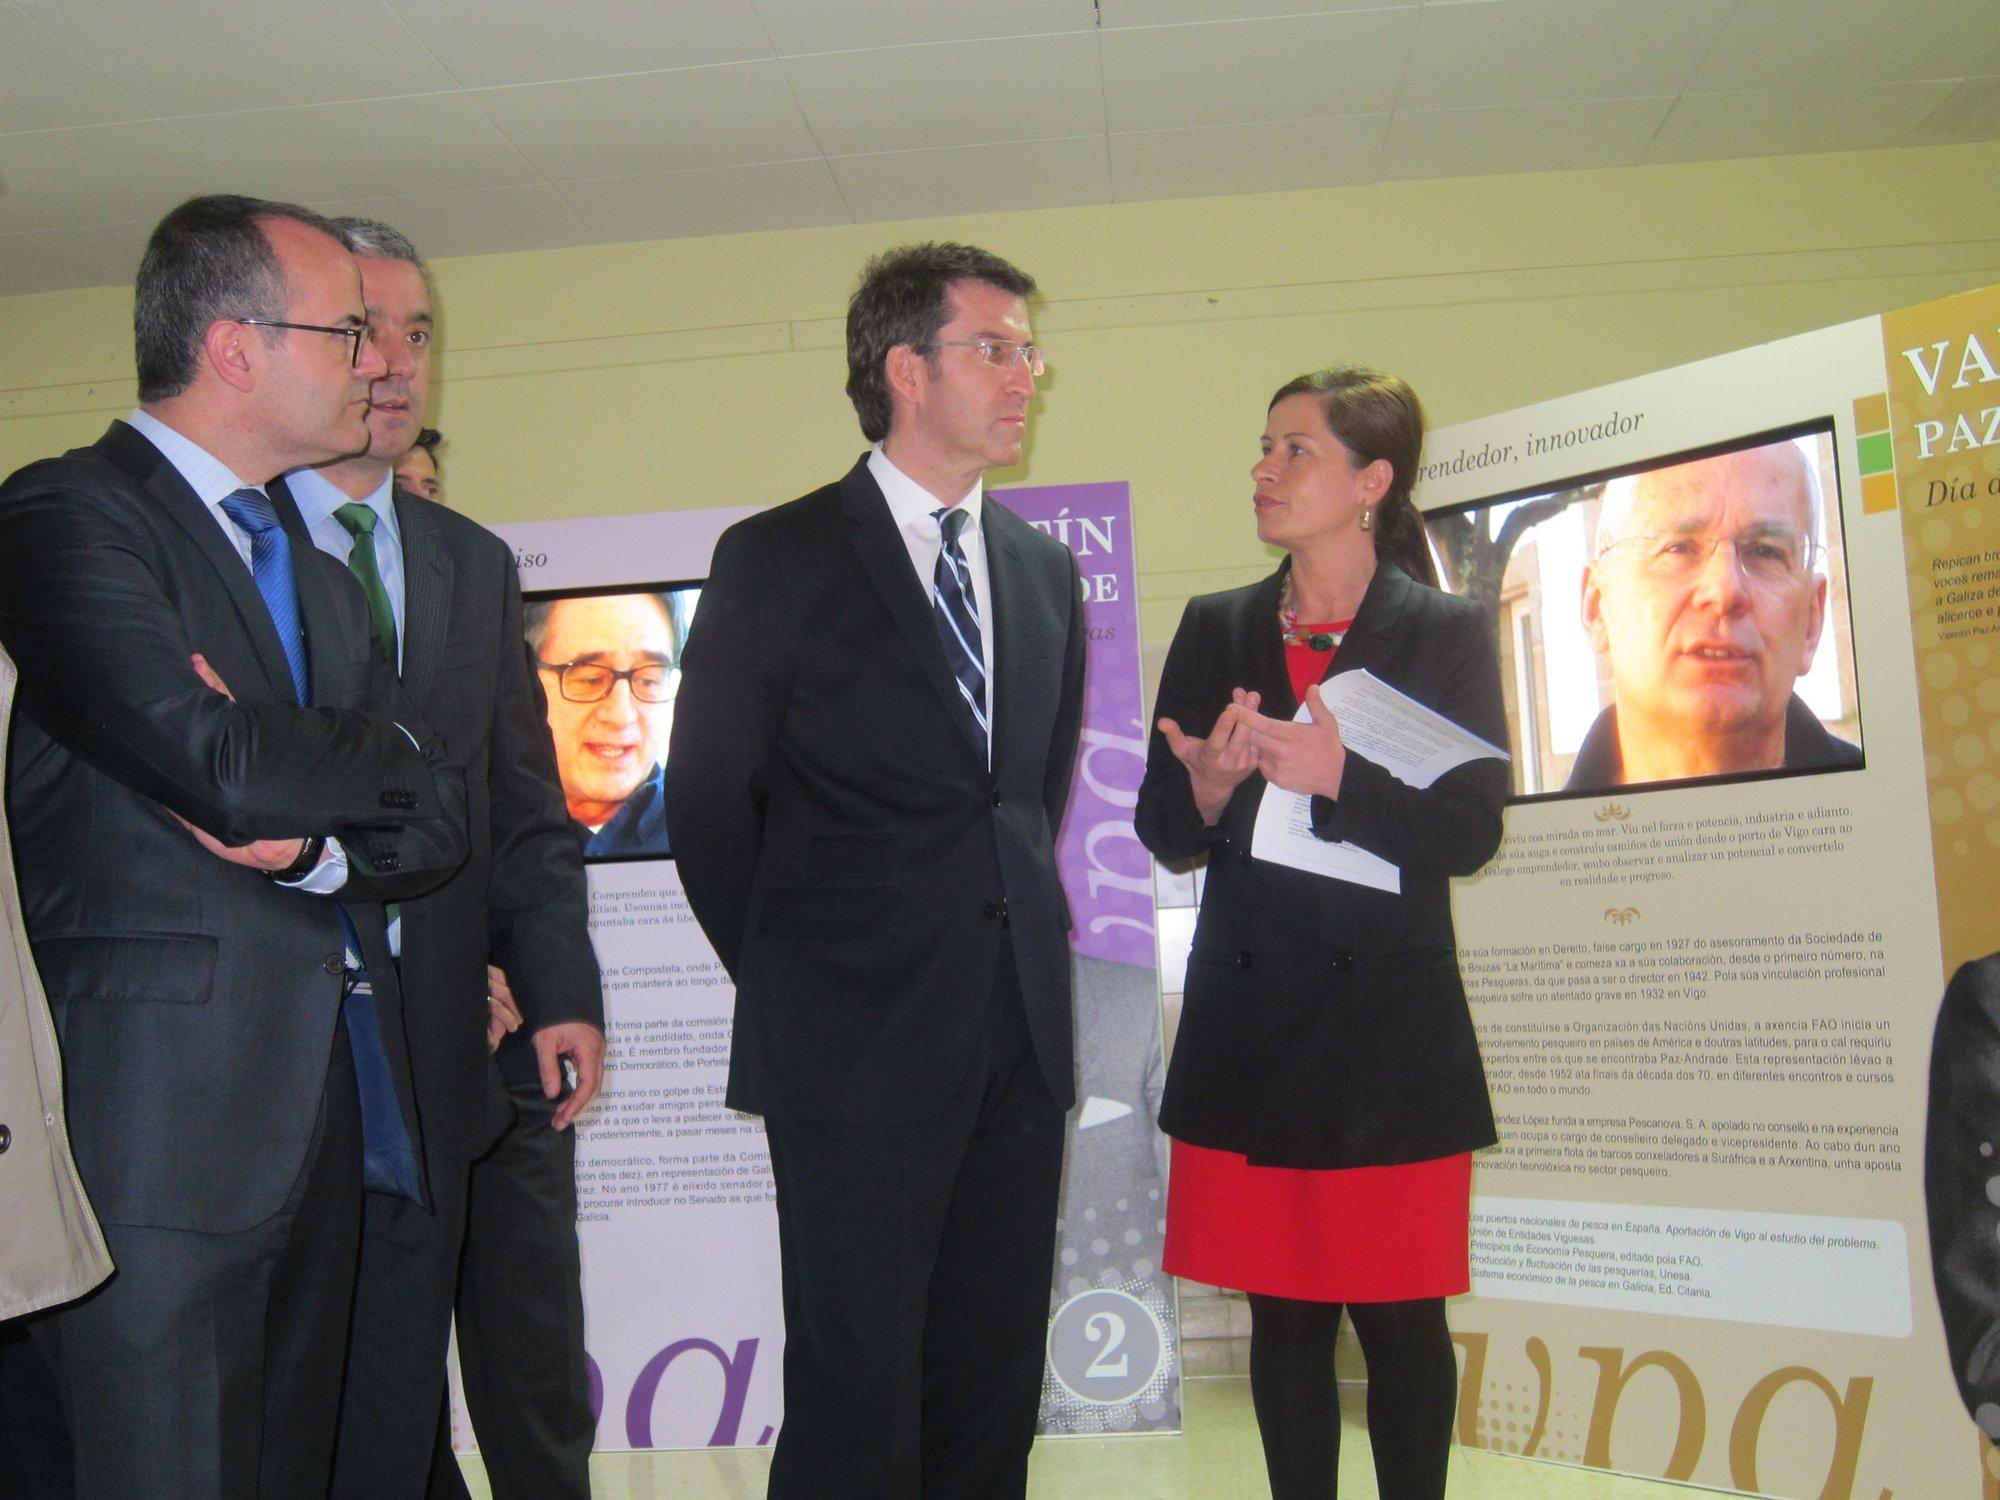 Feijóo erige a Paz Andrade en «gran innovador» y «pionero del galleguismo internacional»